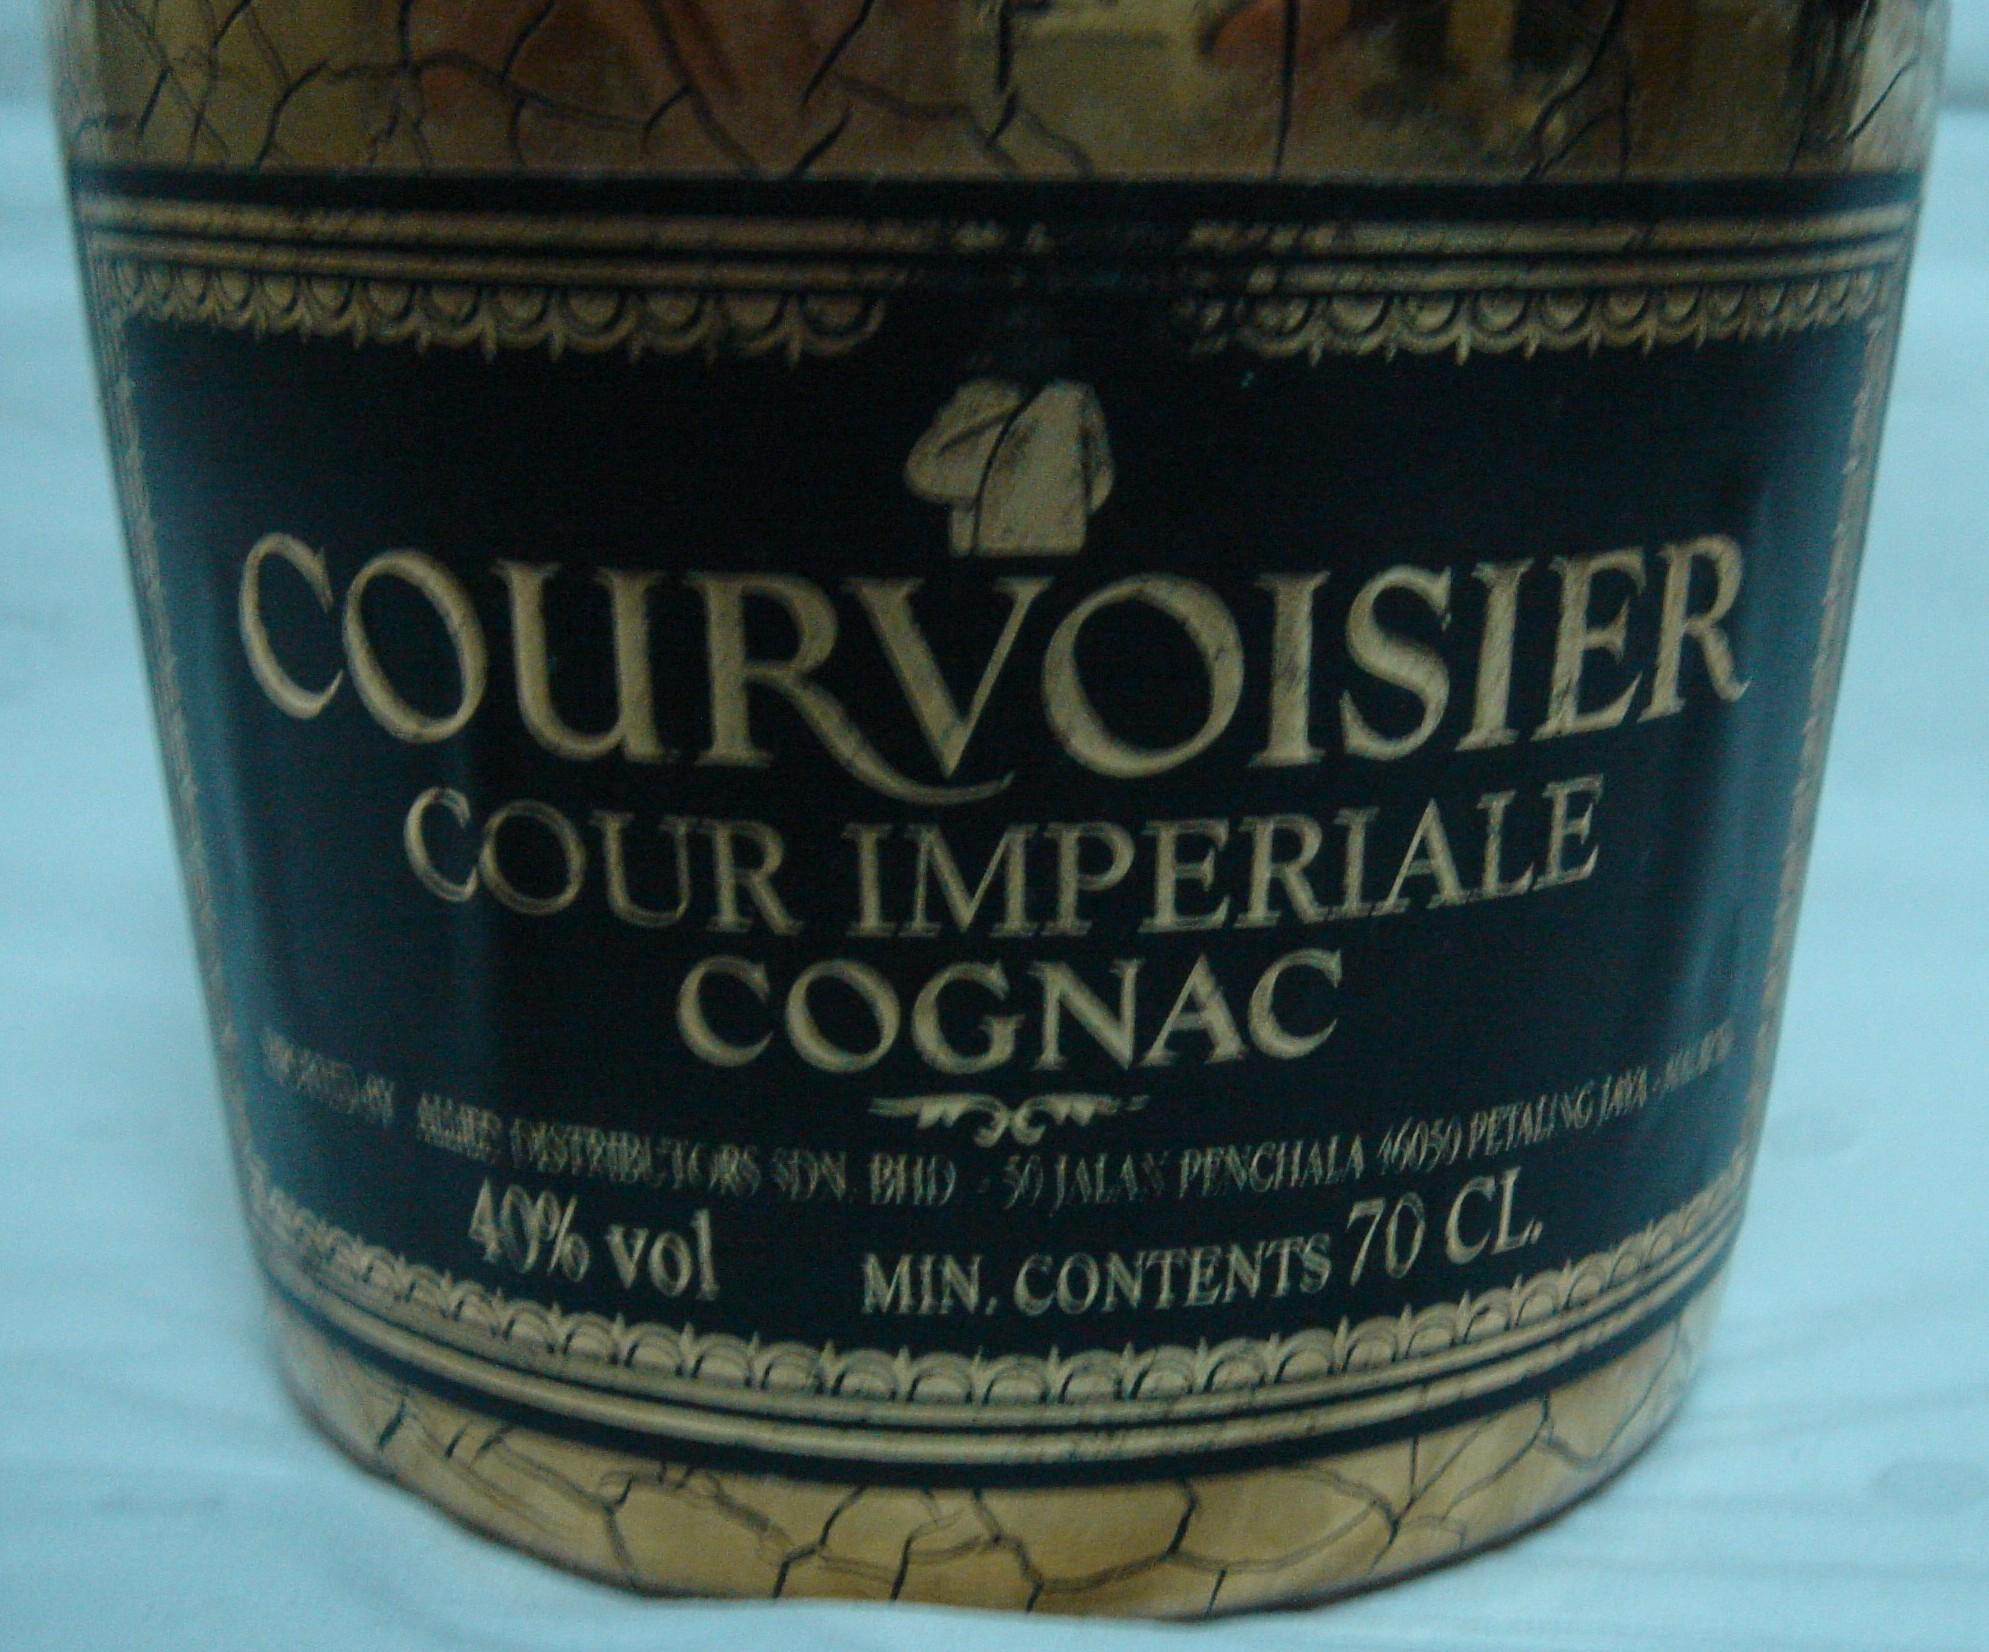 Courvoisier Cour Imperiale Cognac